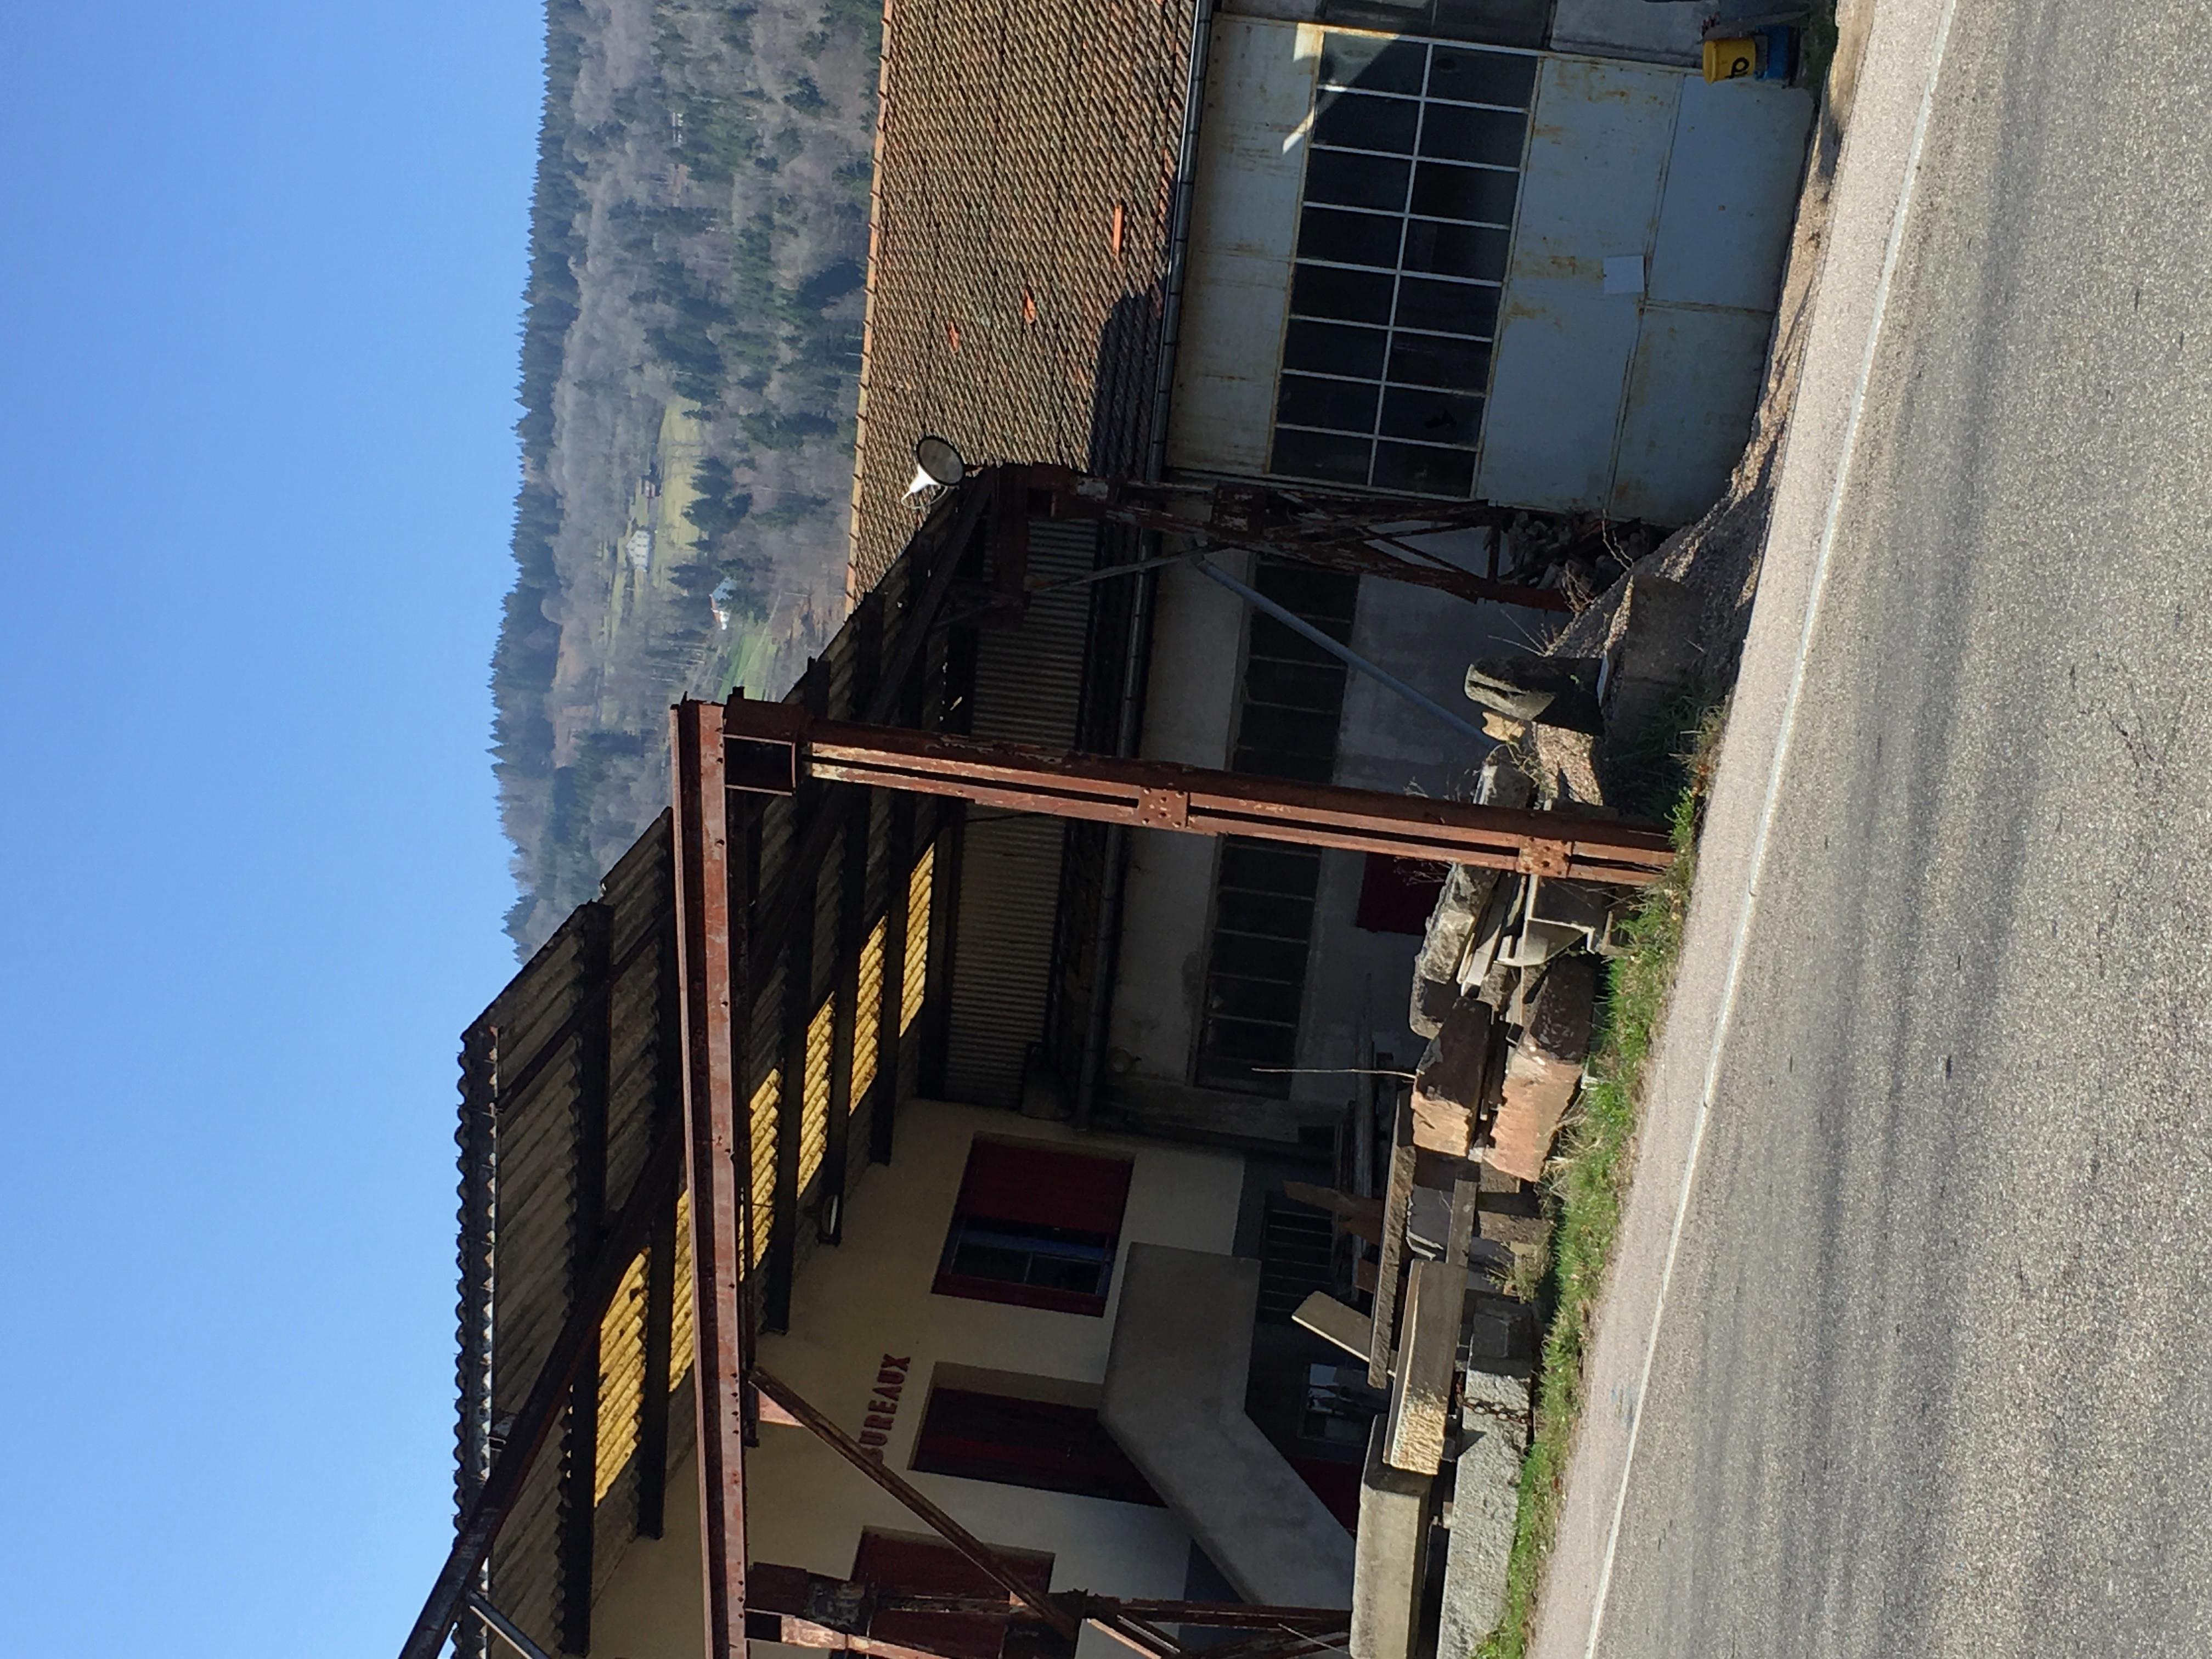 Barre De Seuil Leroy Merlin Beau Collection Rampe Escalier Fer forgé Exterieur Beau I Pinimg originals 0d Ca 16